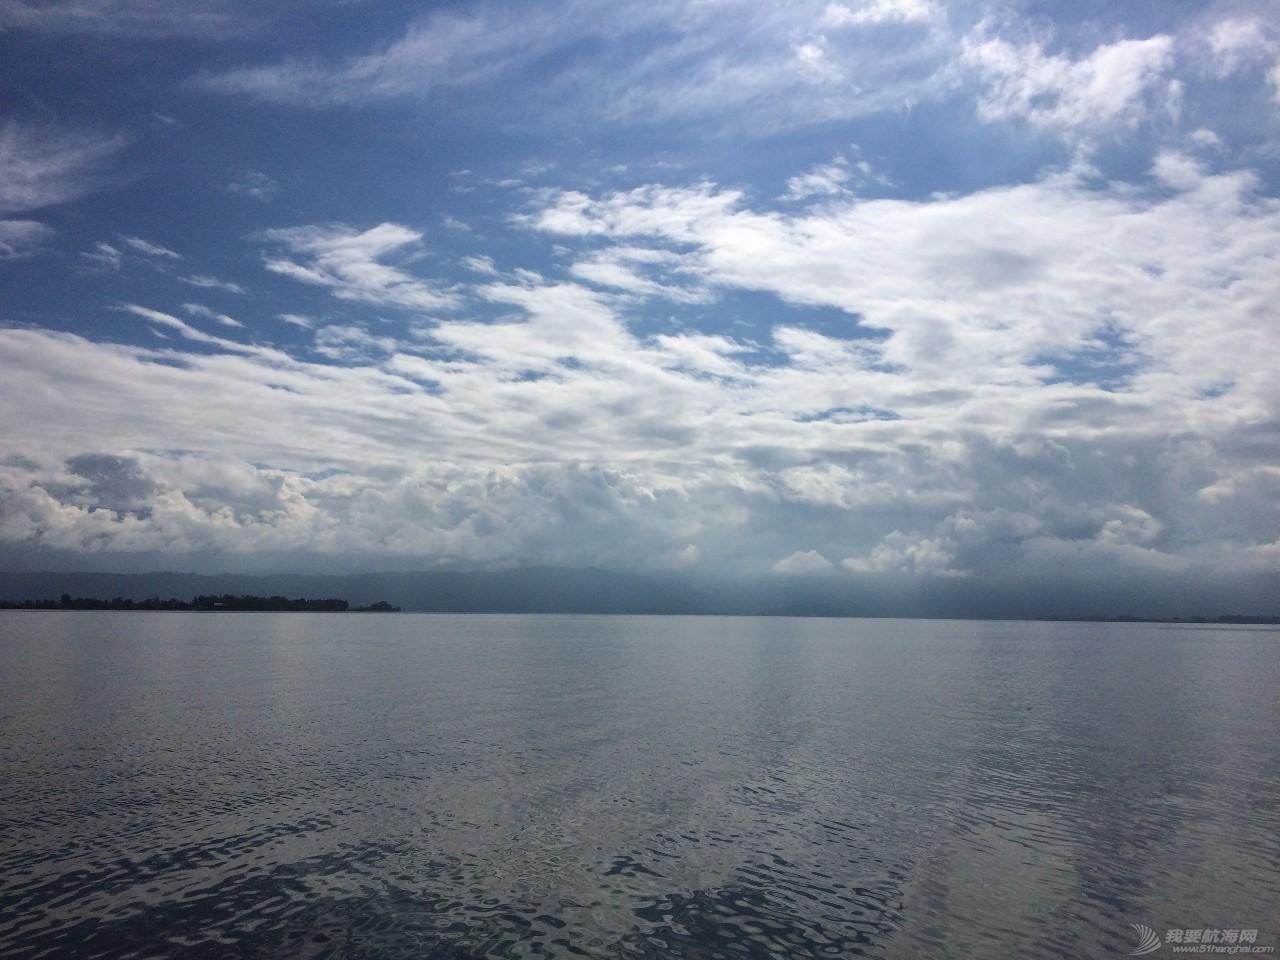 四川西昌,四川省,凉山州,体育局,中国 西昌邛海11月将首次举办国际帆船赛 d75e2aa49954dc0ee9b08e672fe90a20.jpg